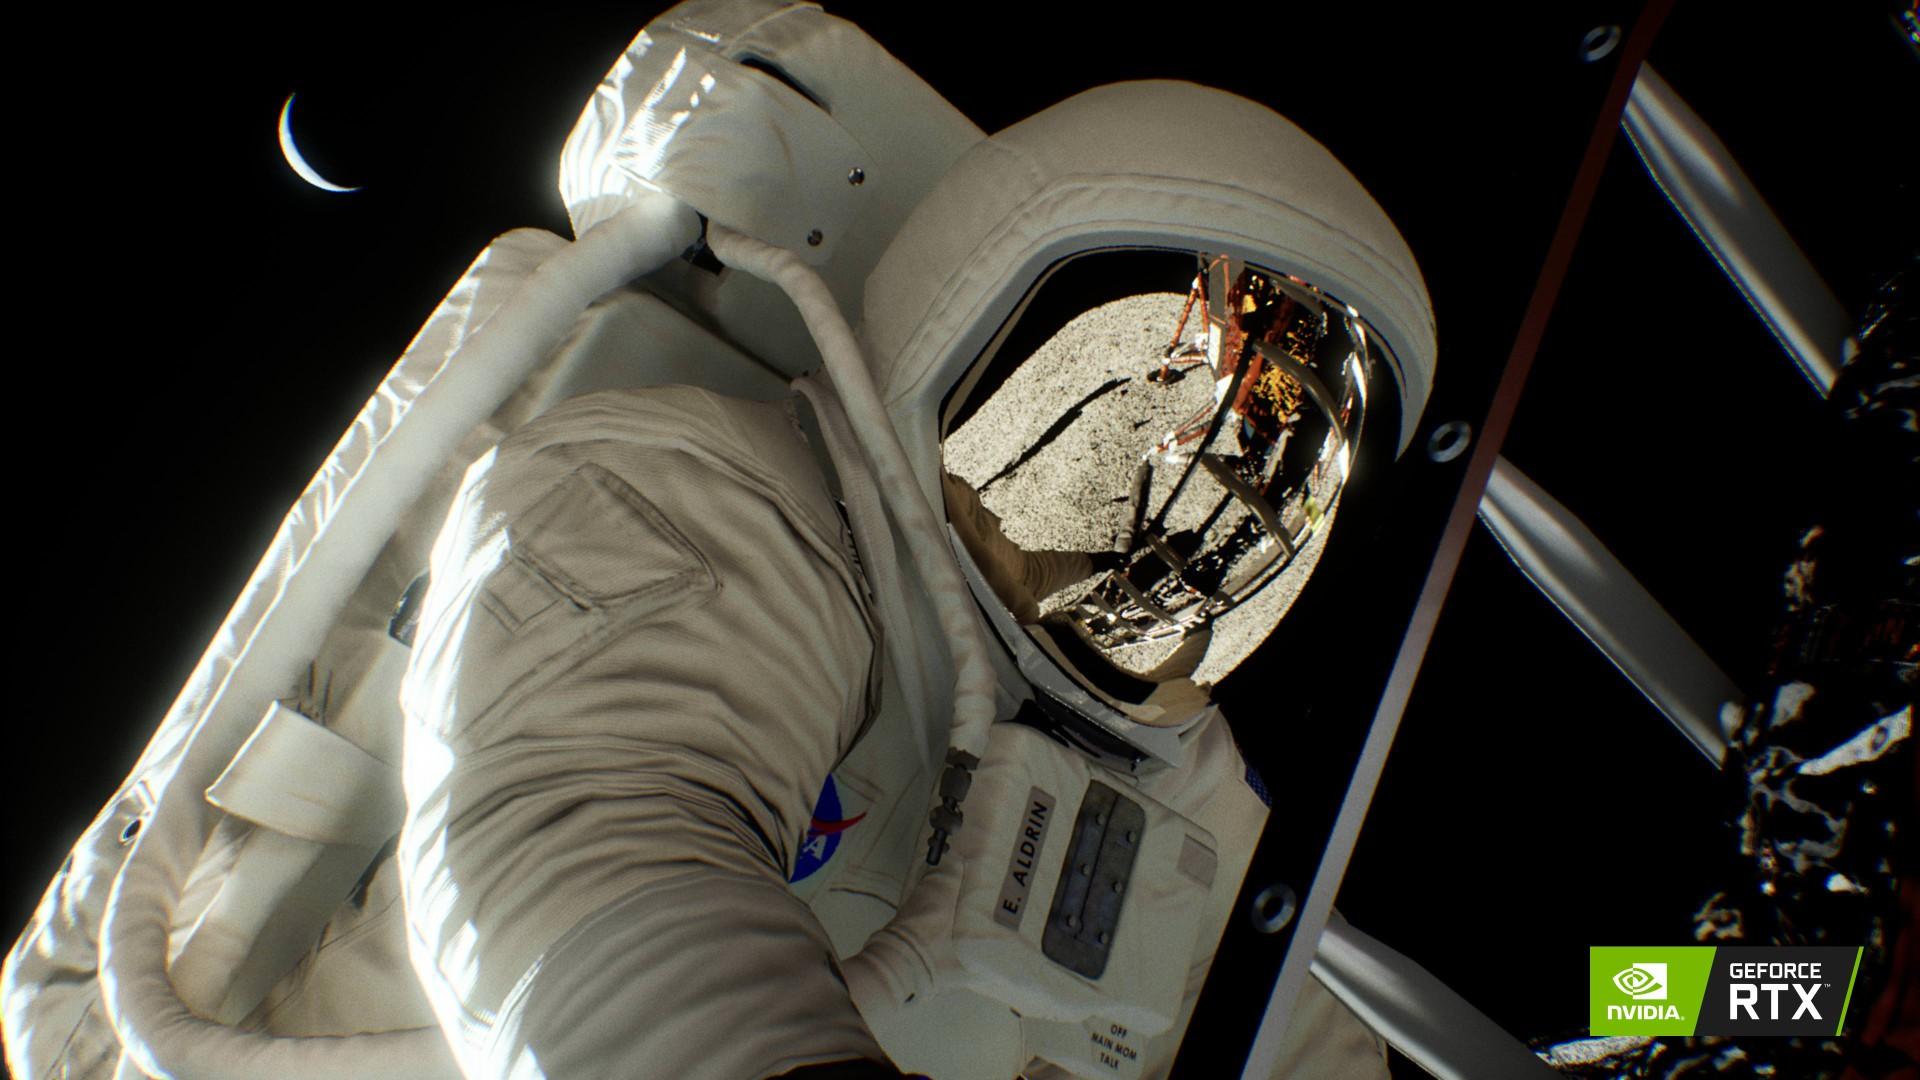 英偉達放出阿波羅登月演示截圖 整體渲染效果更出色